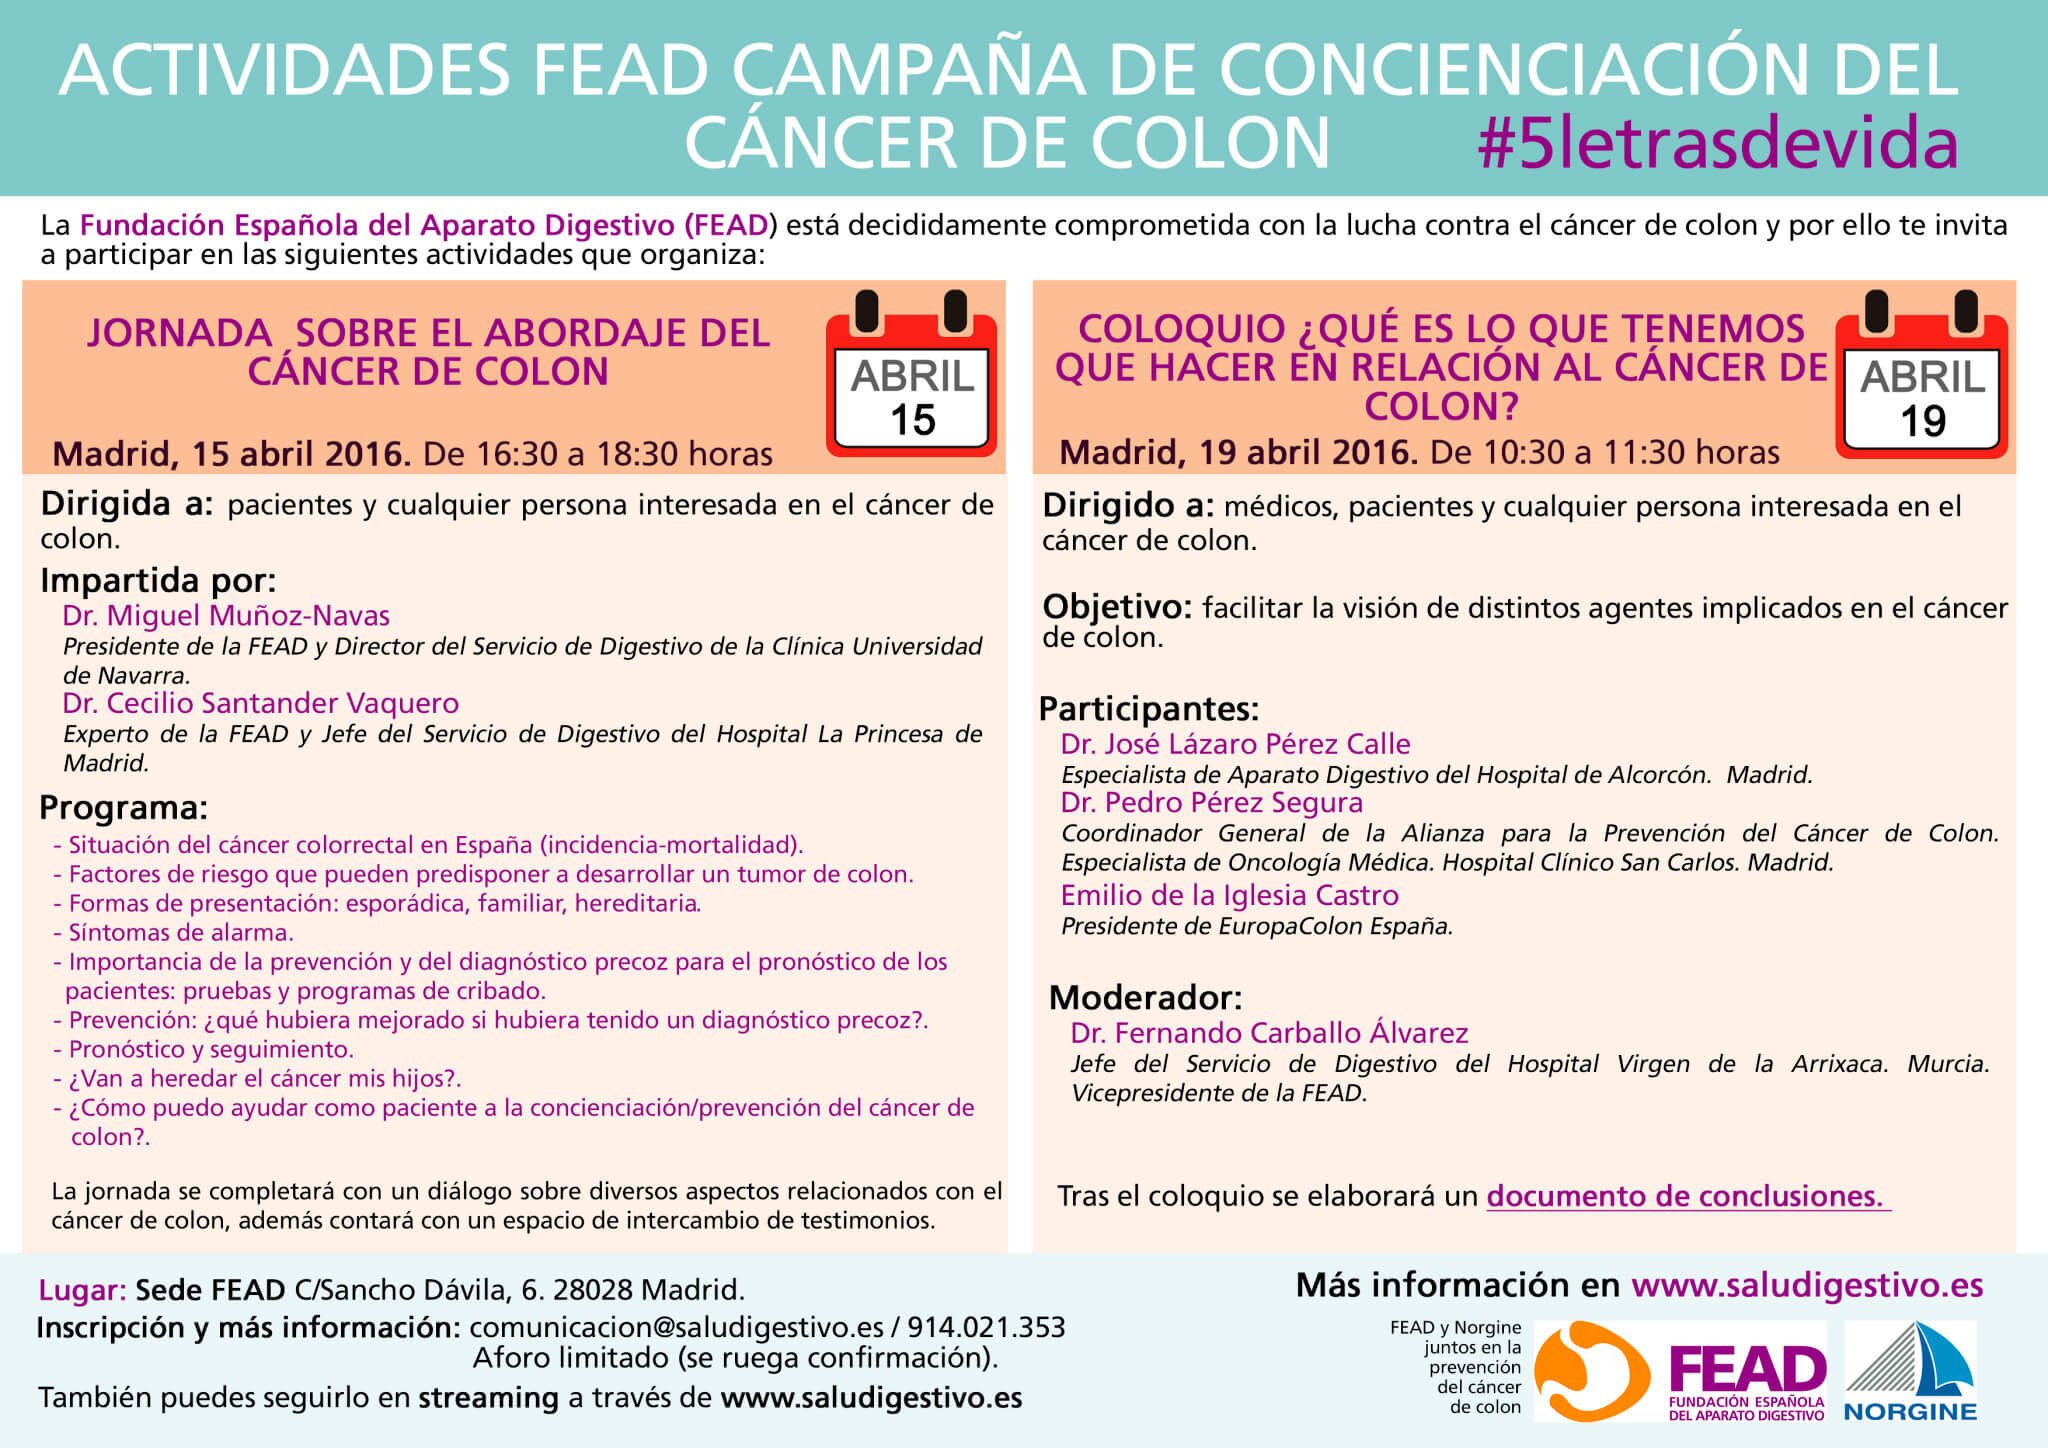 Jornada y Coloquio FEAD CCR 2016